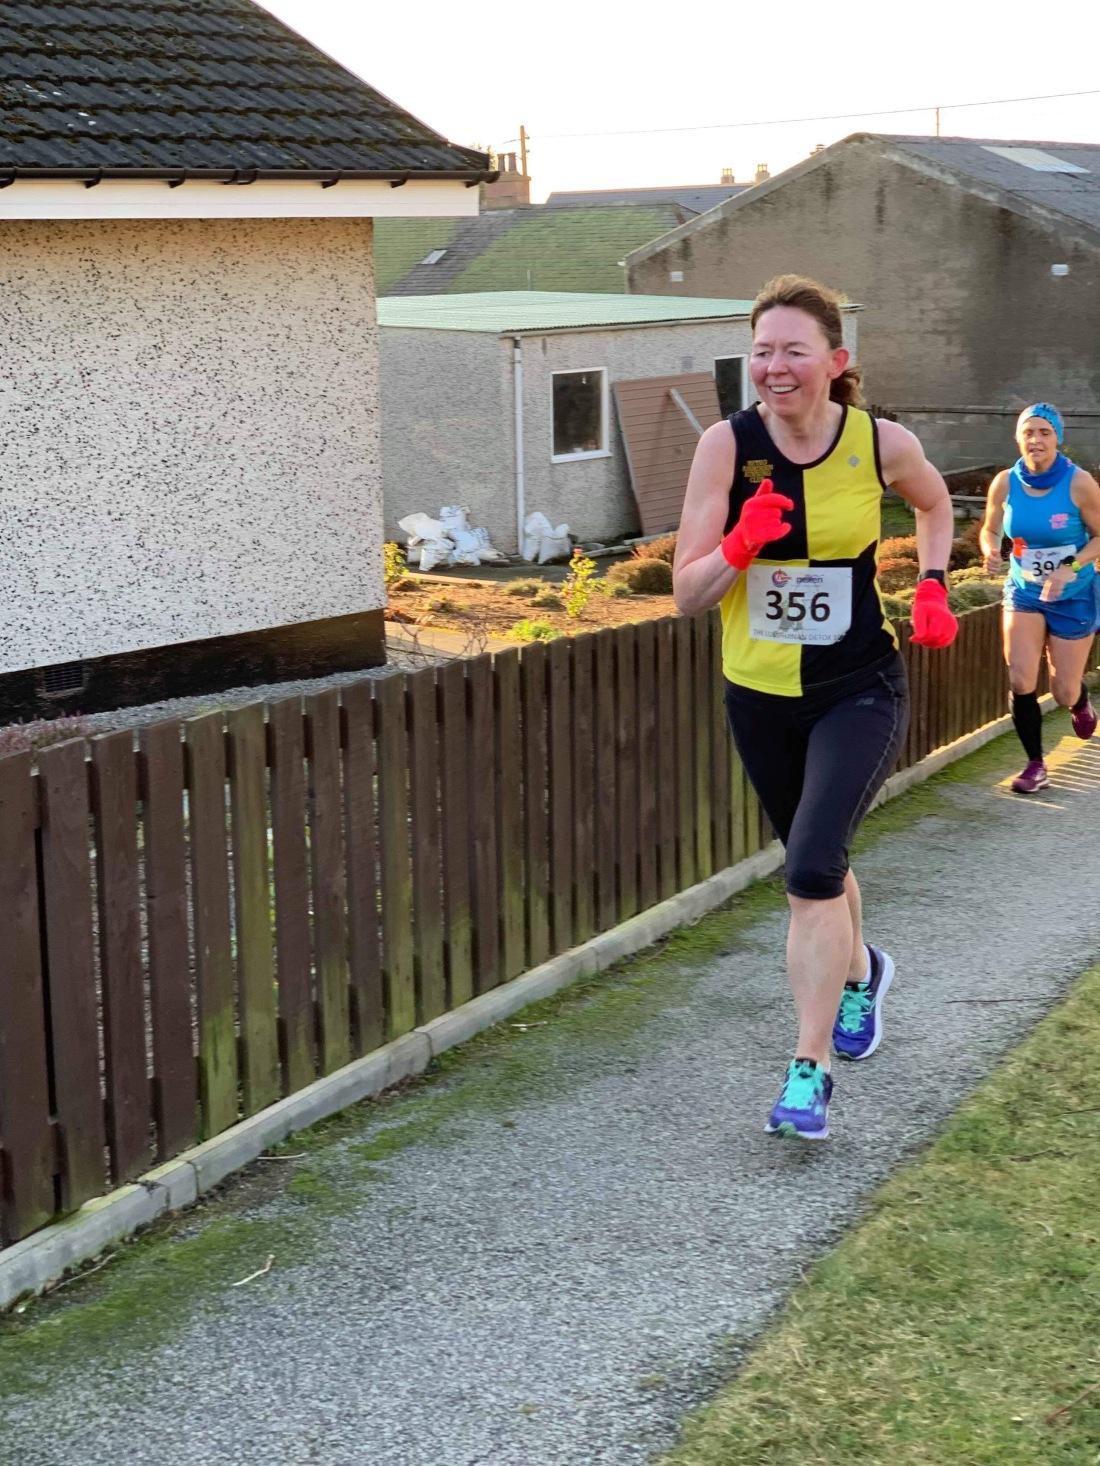 Heading towards the finish area at Lumphanan Detox 10k